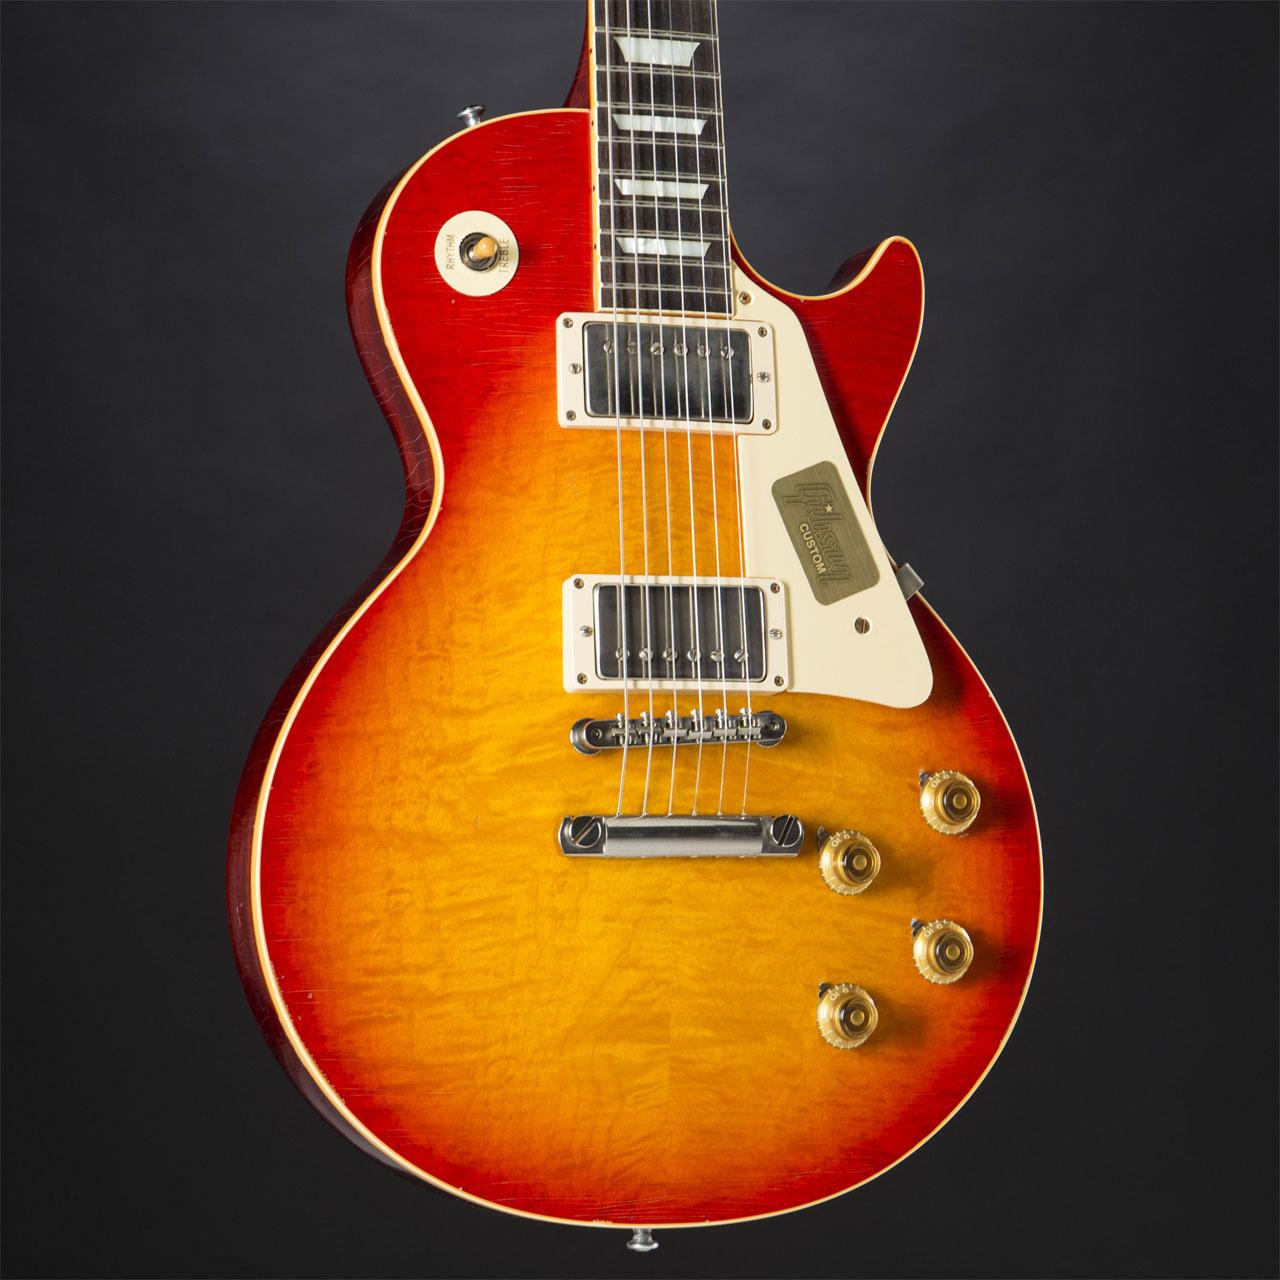 Gibson-1959-Les-Paul-Historic-Select-Heritage-Cherry-Sunburst-Light-Aged-%23HS9-50022-Korpus.jpg